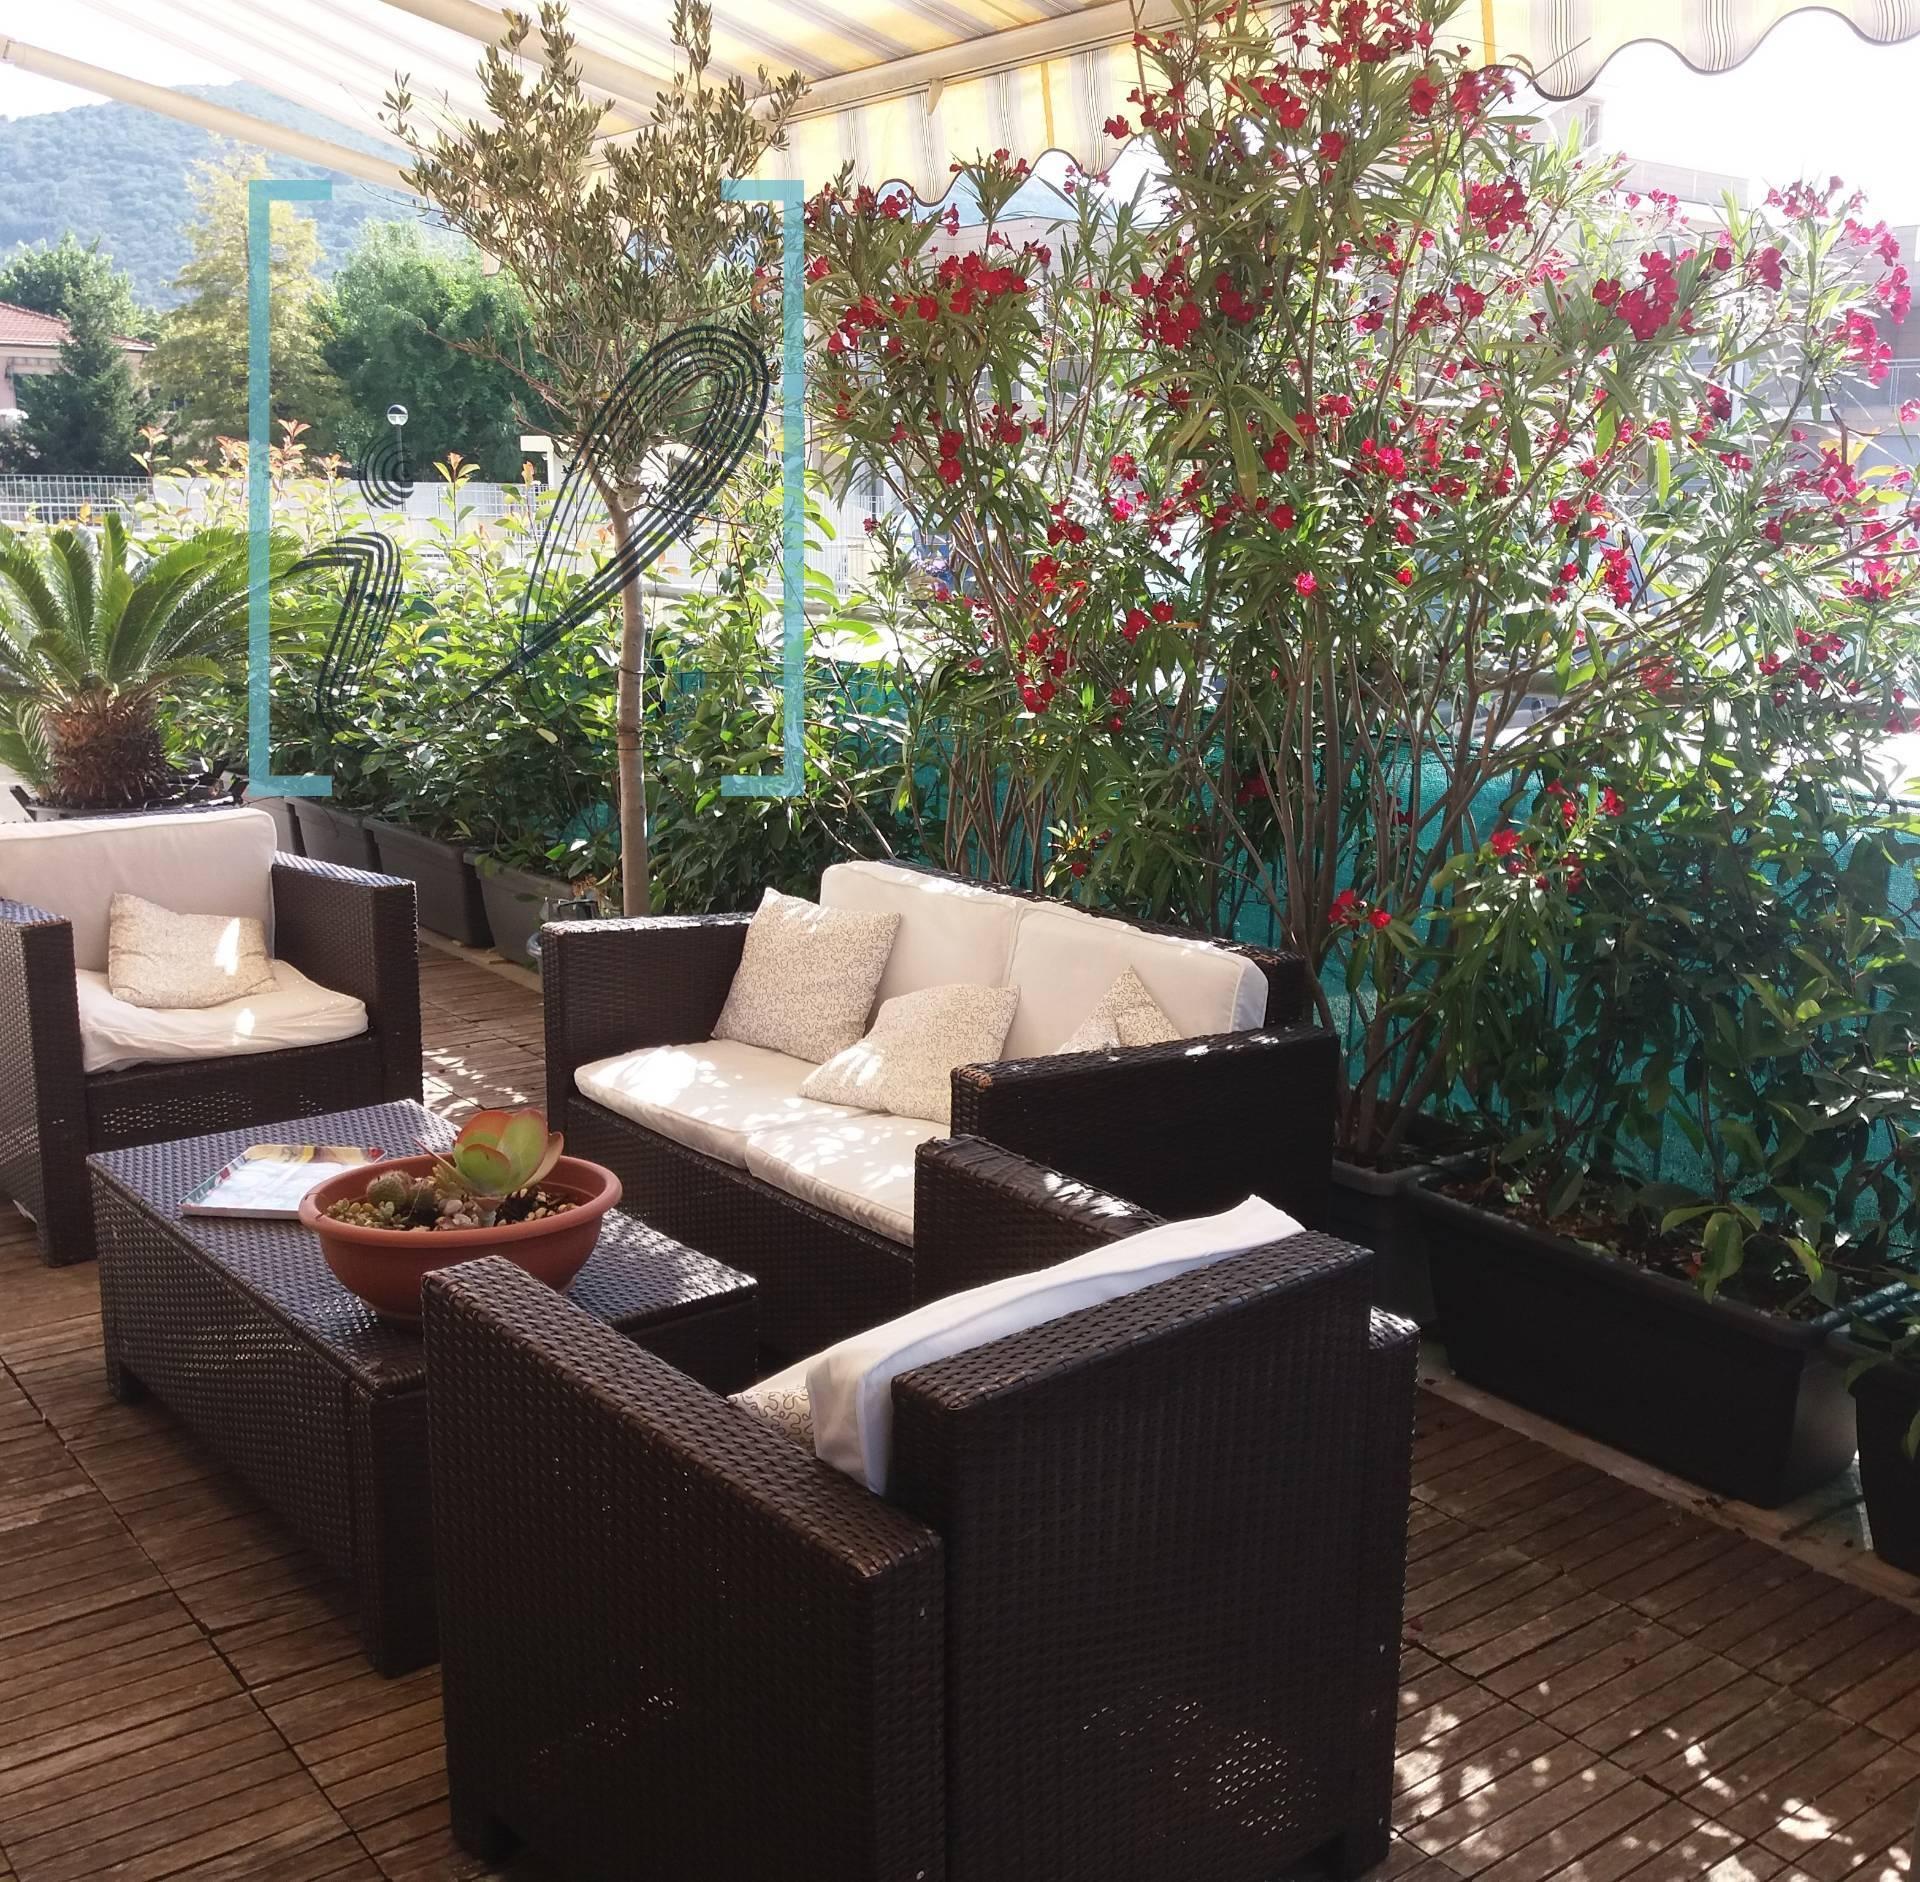 Appartamento in vendita a Albenga, 2 locali, prezzo € 160.000 | PortaleAgenzieImmobiliari.it